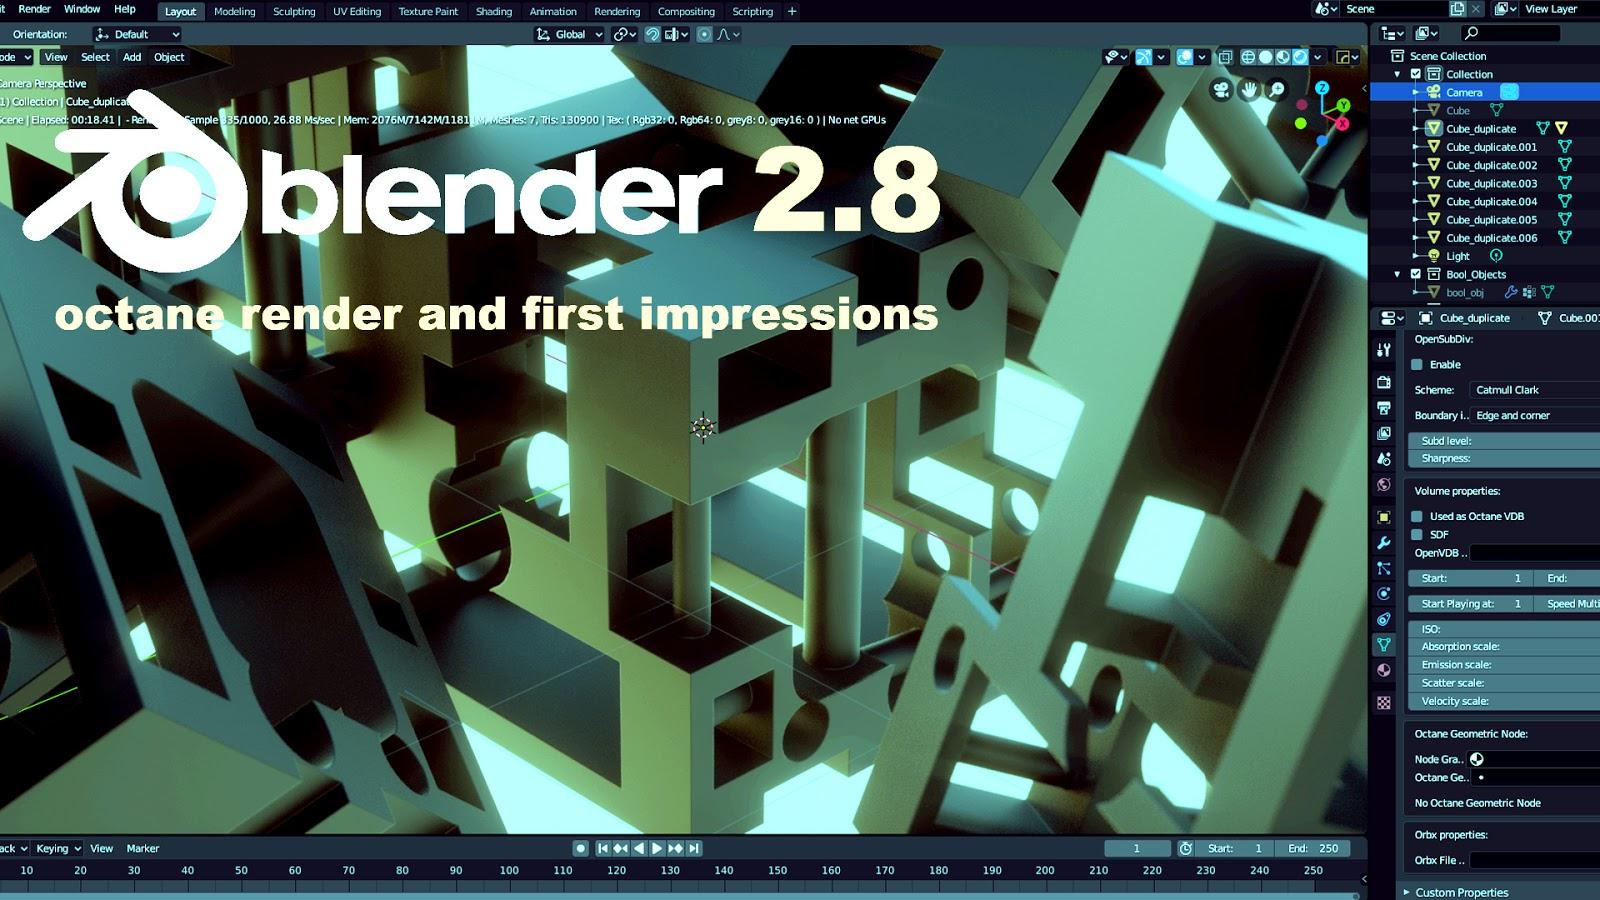 blender_2_8_youtube.jpg